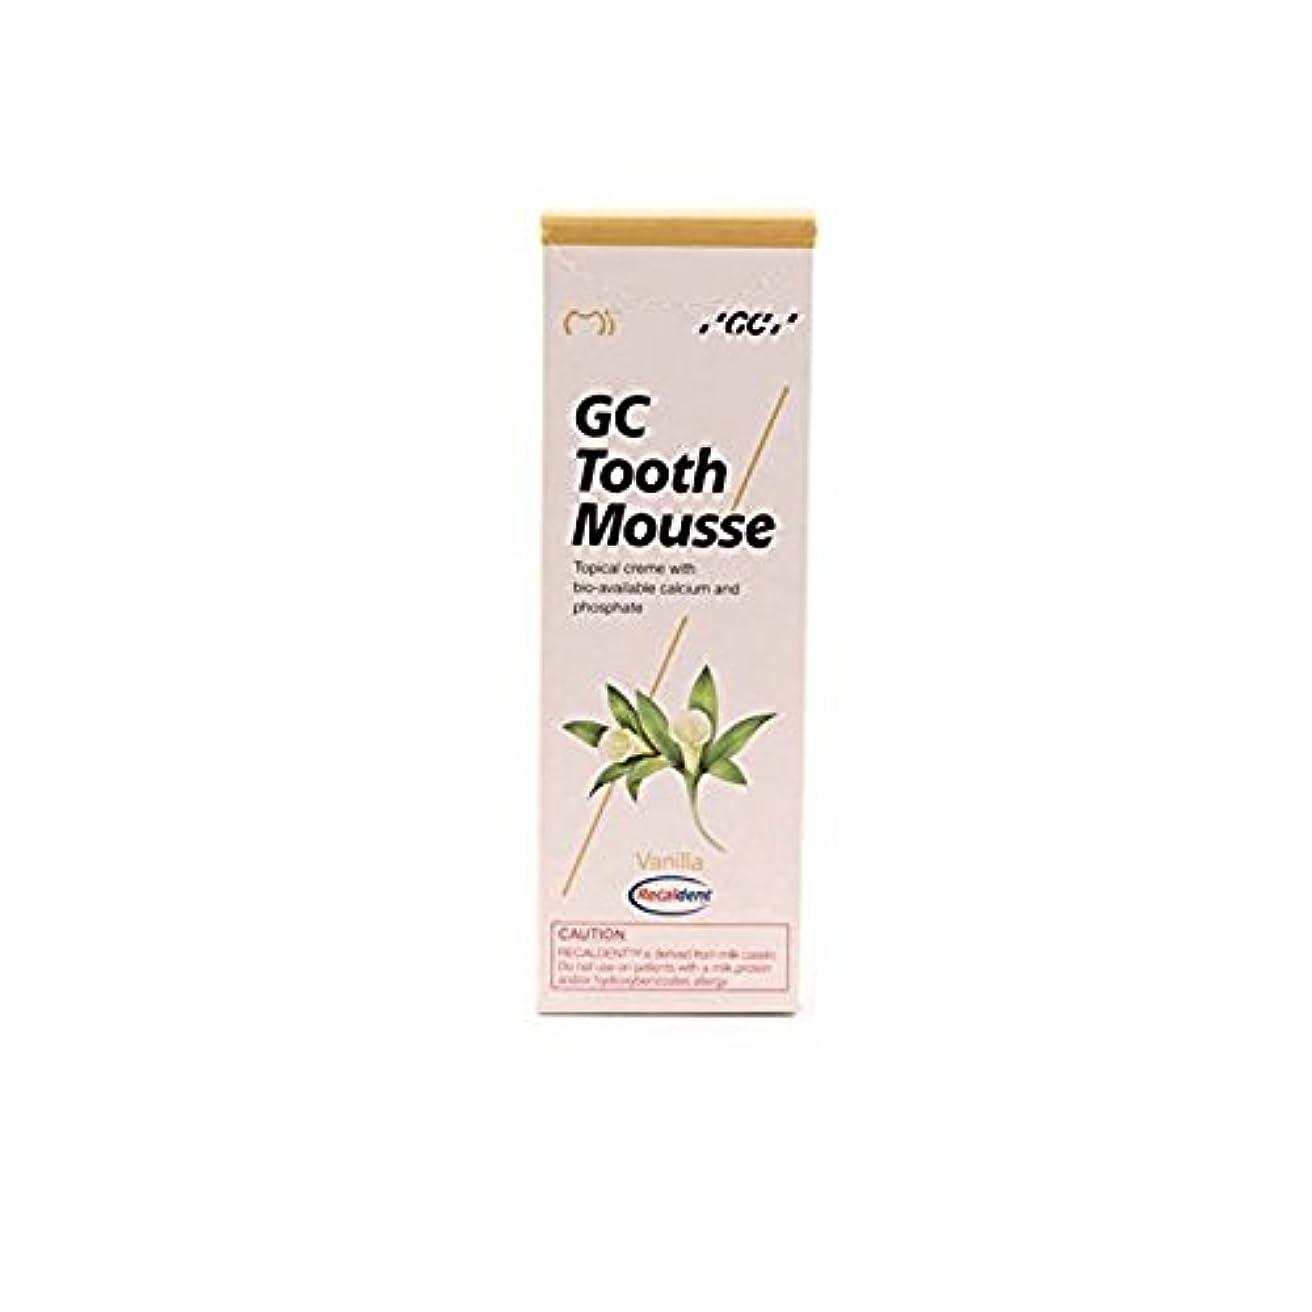 自慢株式会社タイプライターGc の歯のムース練り歯磨き粉の盛り合わせの味40g (バニラ (Vanilla))